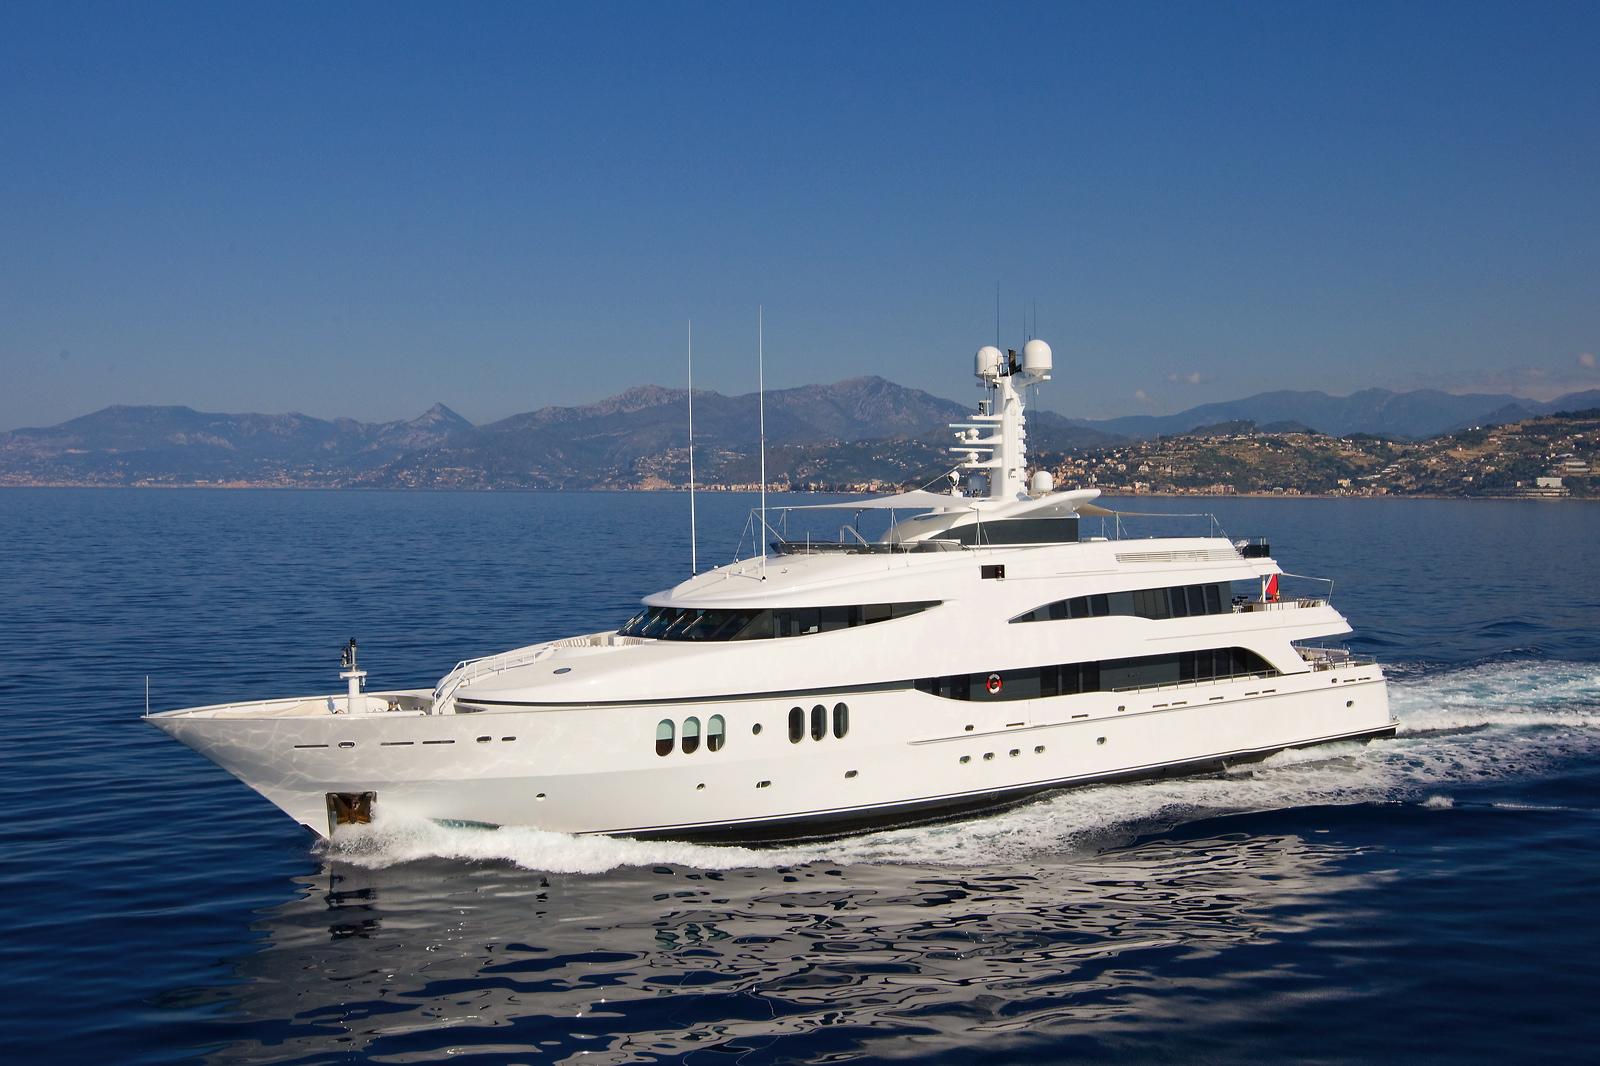 Luxury Charter Yacht Diamond A Ex Ultima Iii Credit